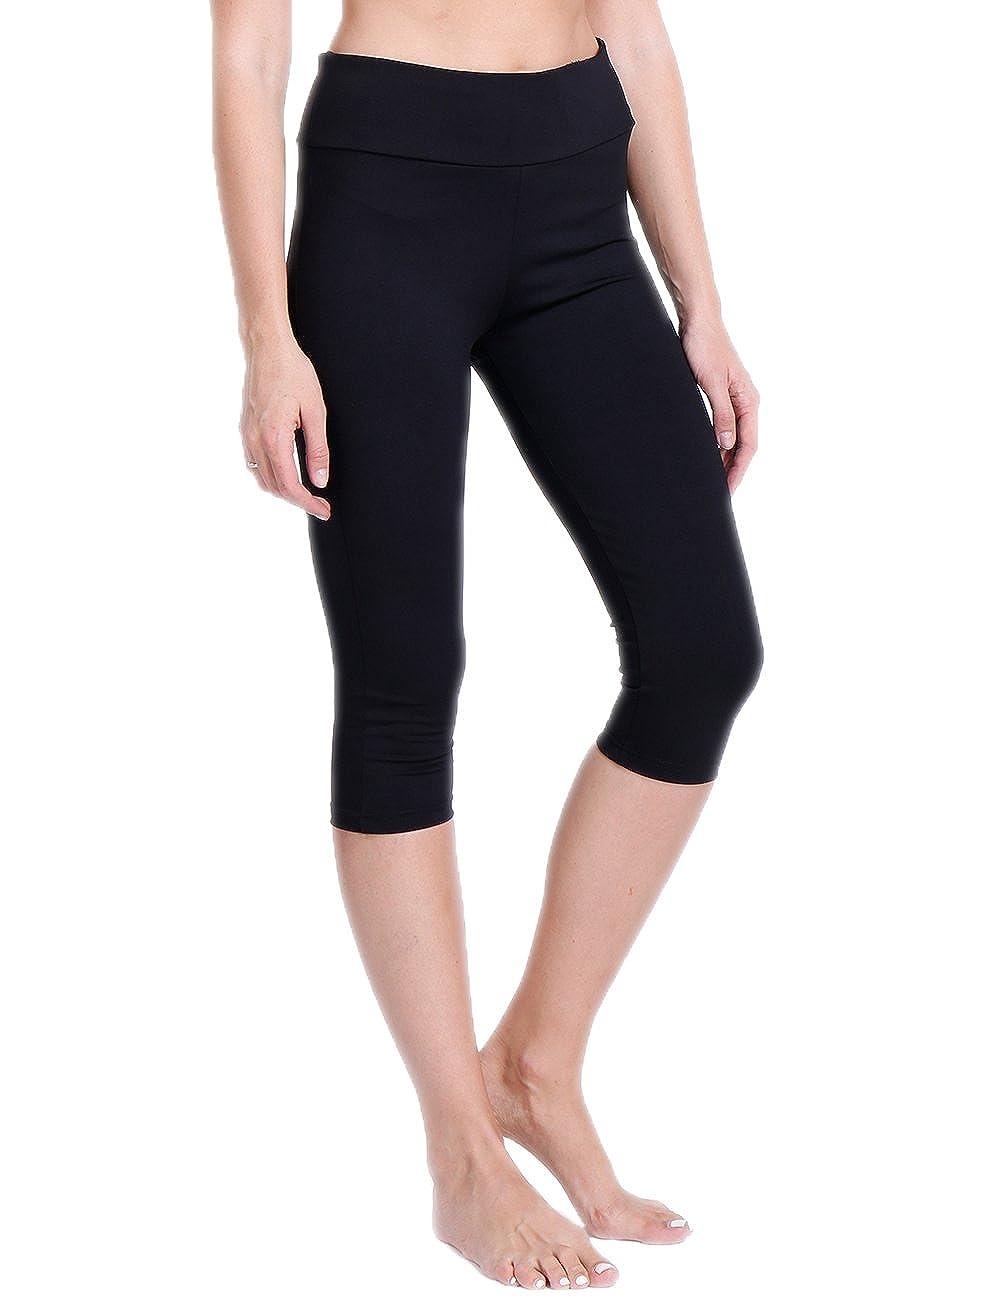 CROSS1946 donne Capri corsa leggings traspirante fitness dimagrante 3/4pantaloni di yoga allenamento elastico pantaloni